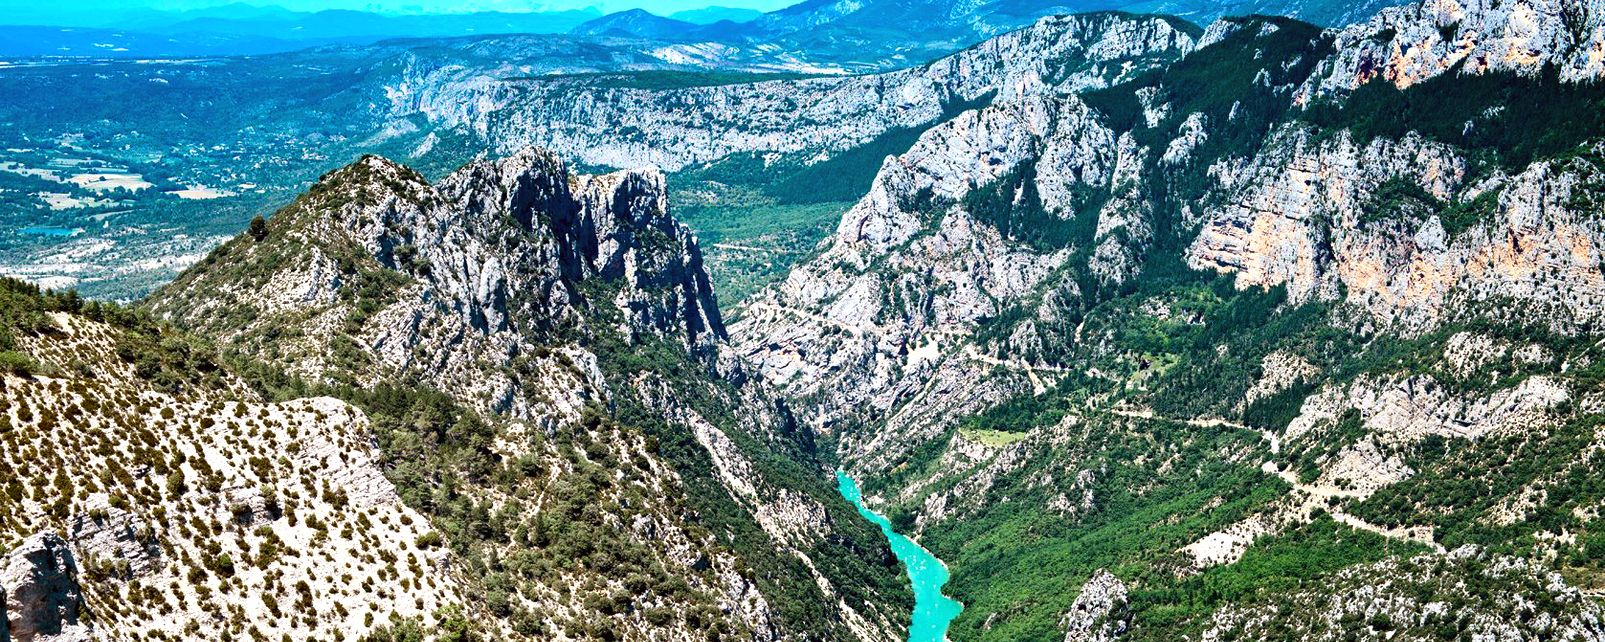 Les Gorges du Verdon, La faune et la flore, Frejus, Provence Alpes Côte d'Azur